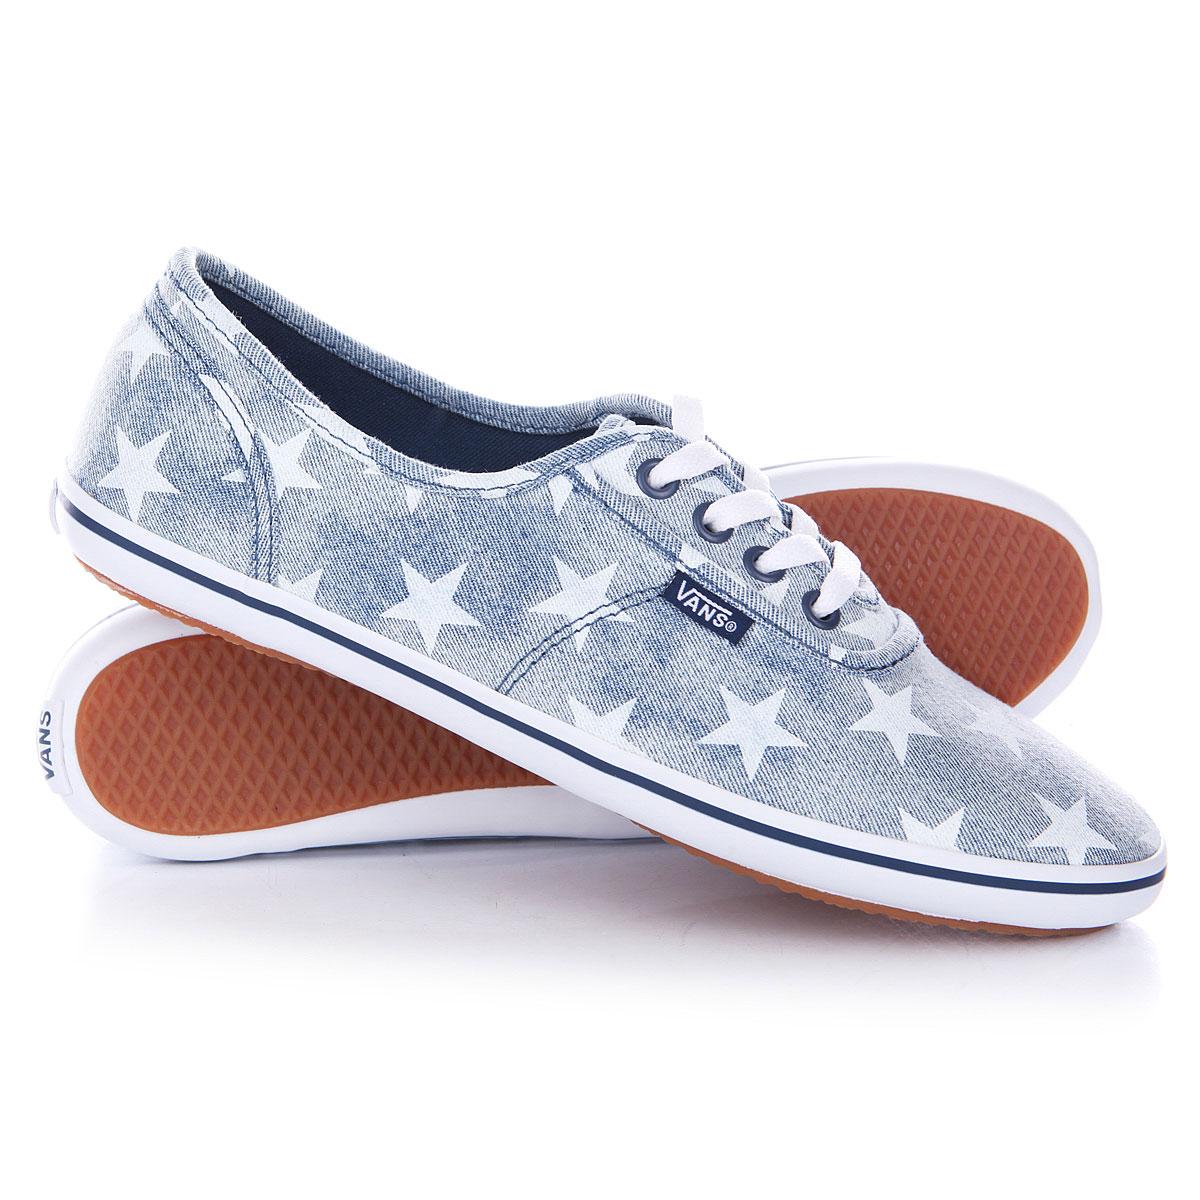 Модная женская спортивная обувь Красивые вансы со звездным принтом ... 0067e20bf10